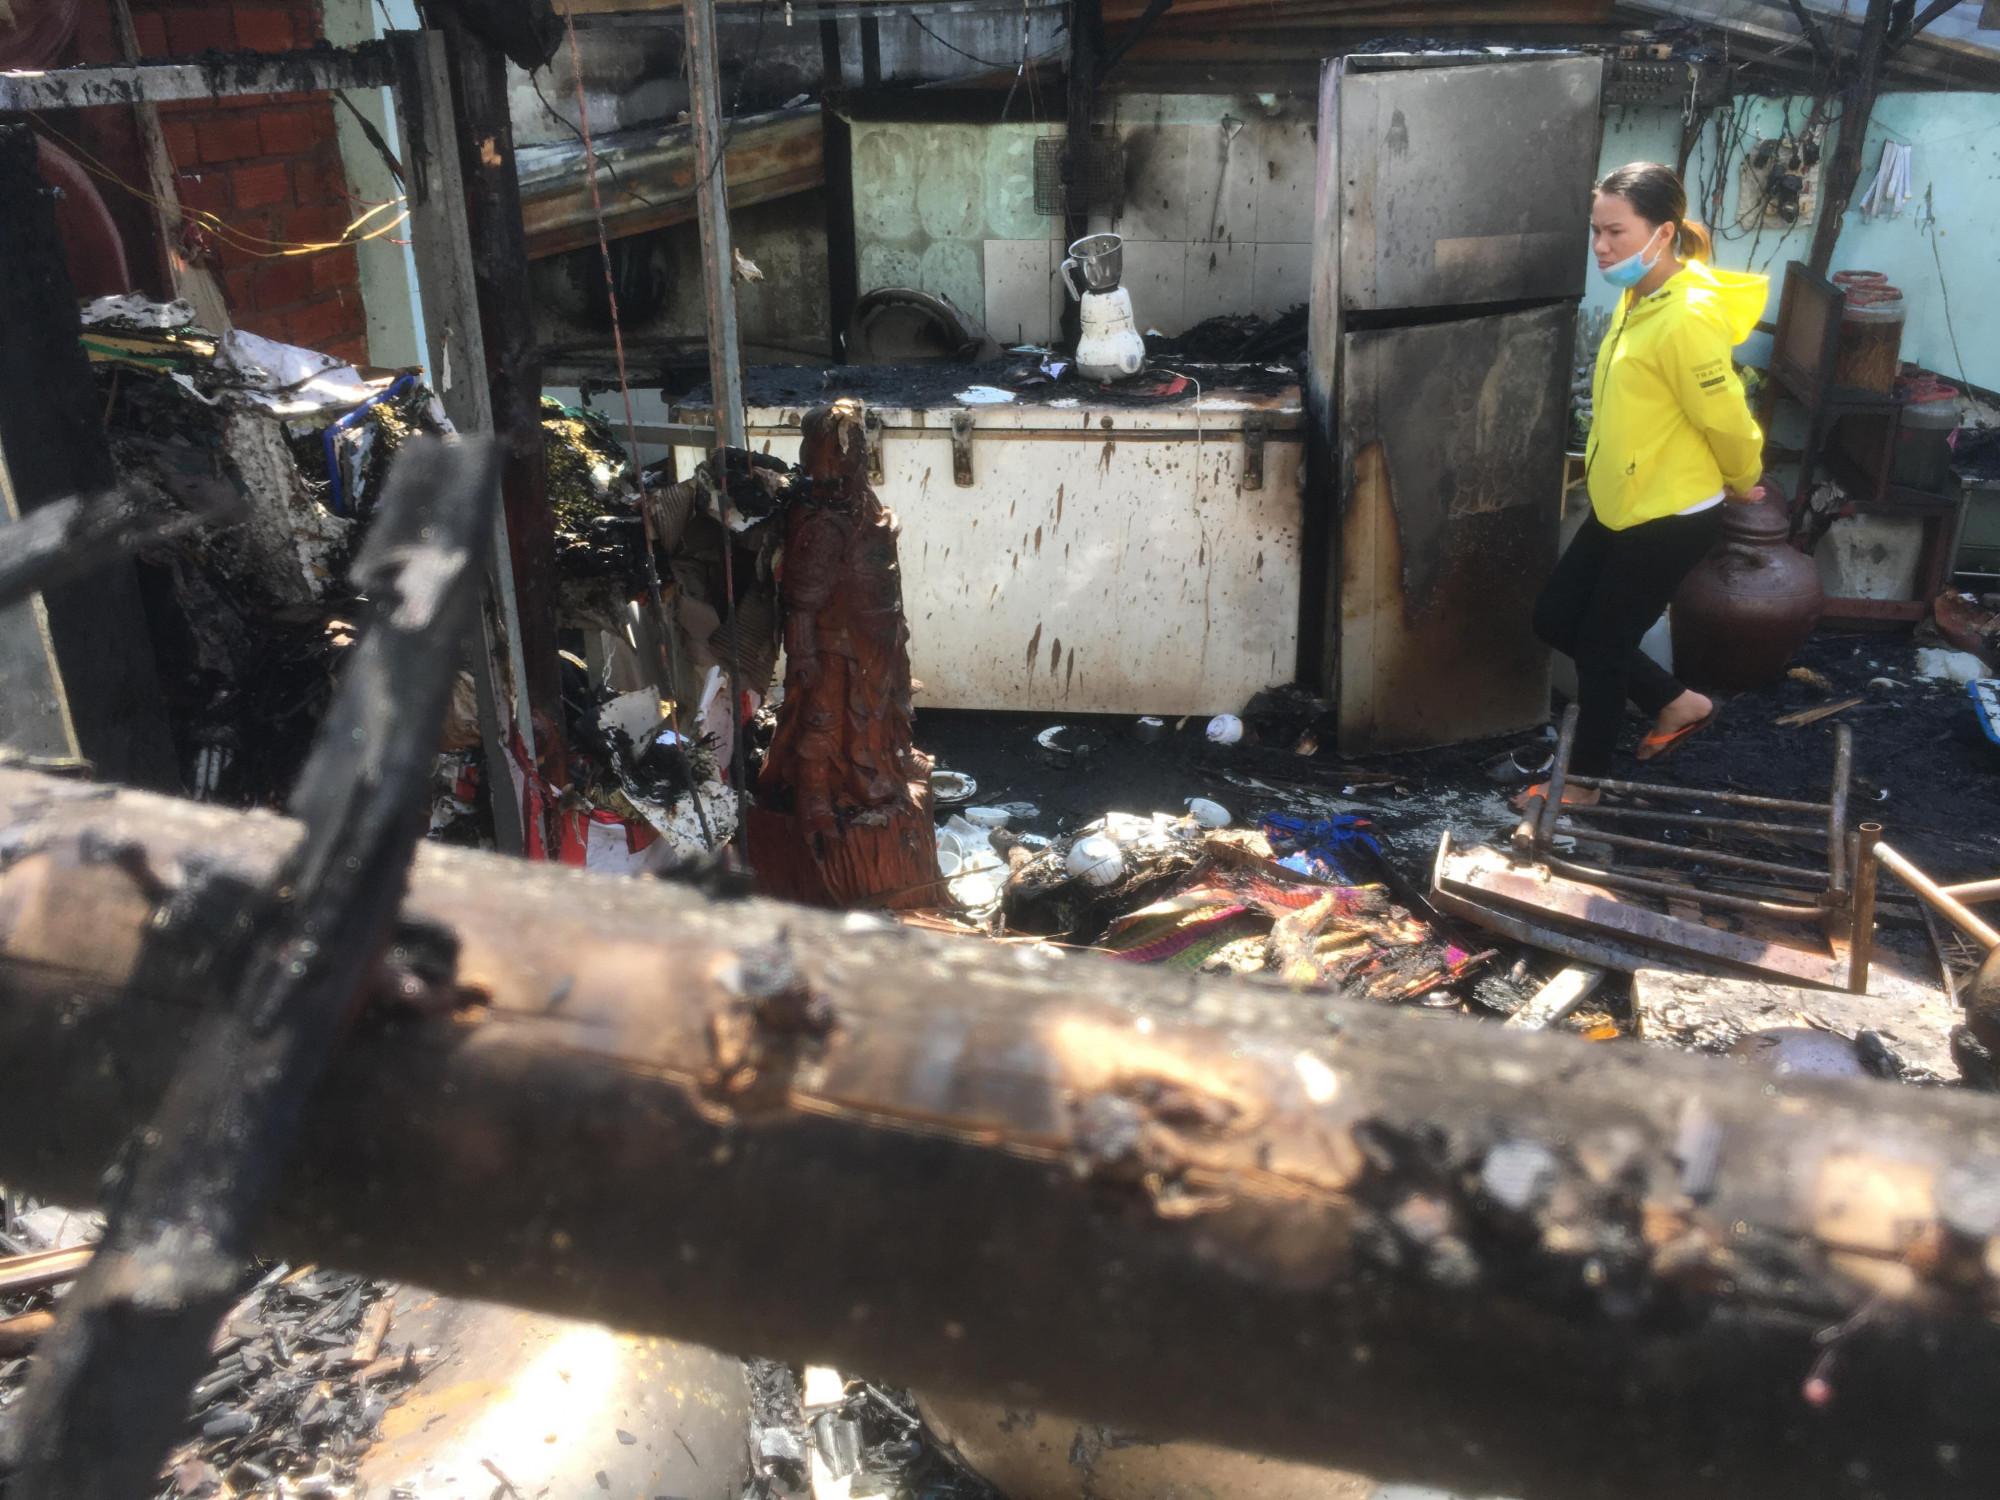 Nguyên nhân bước đầu được xác định do cháy trụ điện phía trước quán khiến ngọn lửa cháy lan